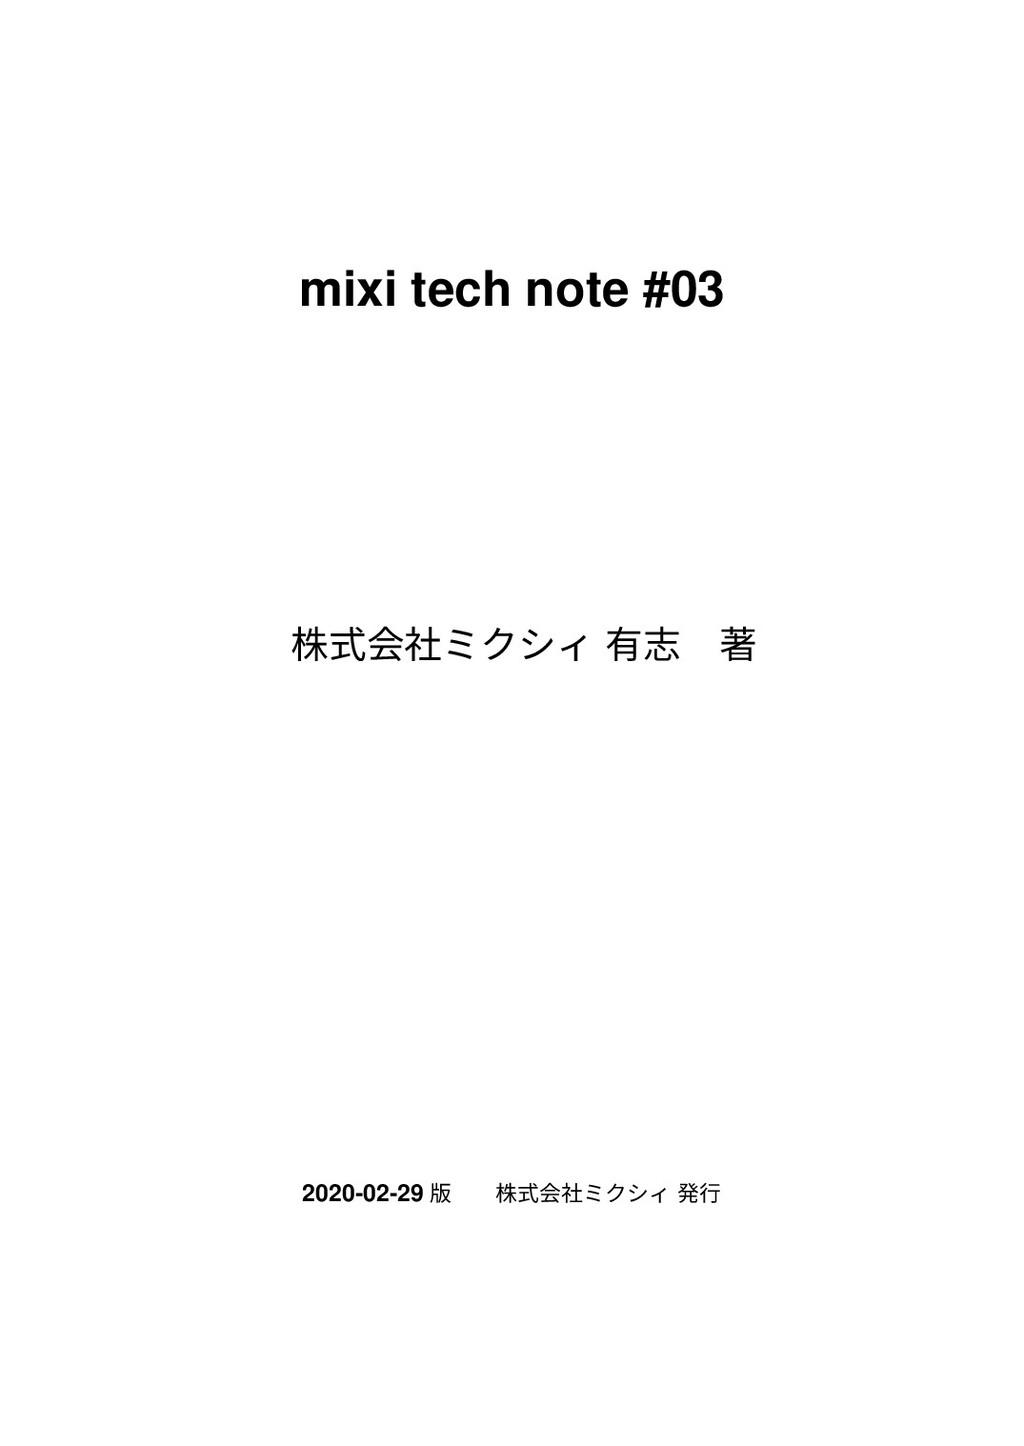 mixi tech note #03 גࣜձࣾϛΫγΟ ༗ࢤɹஶ 2020-02-29 ൛ ג...